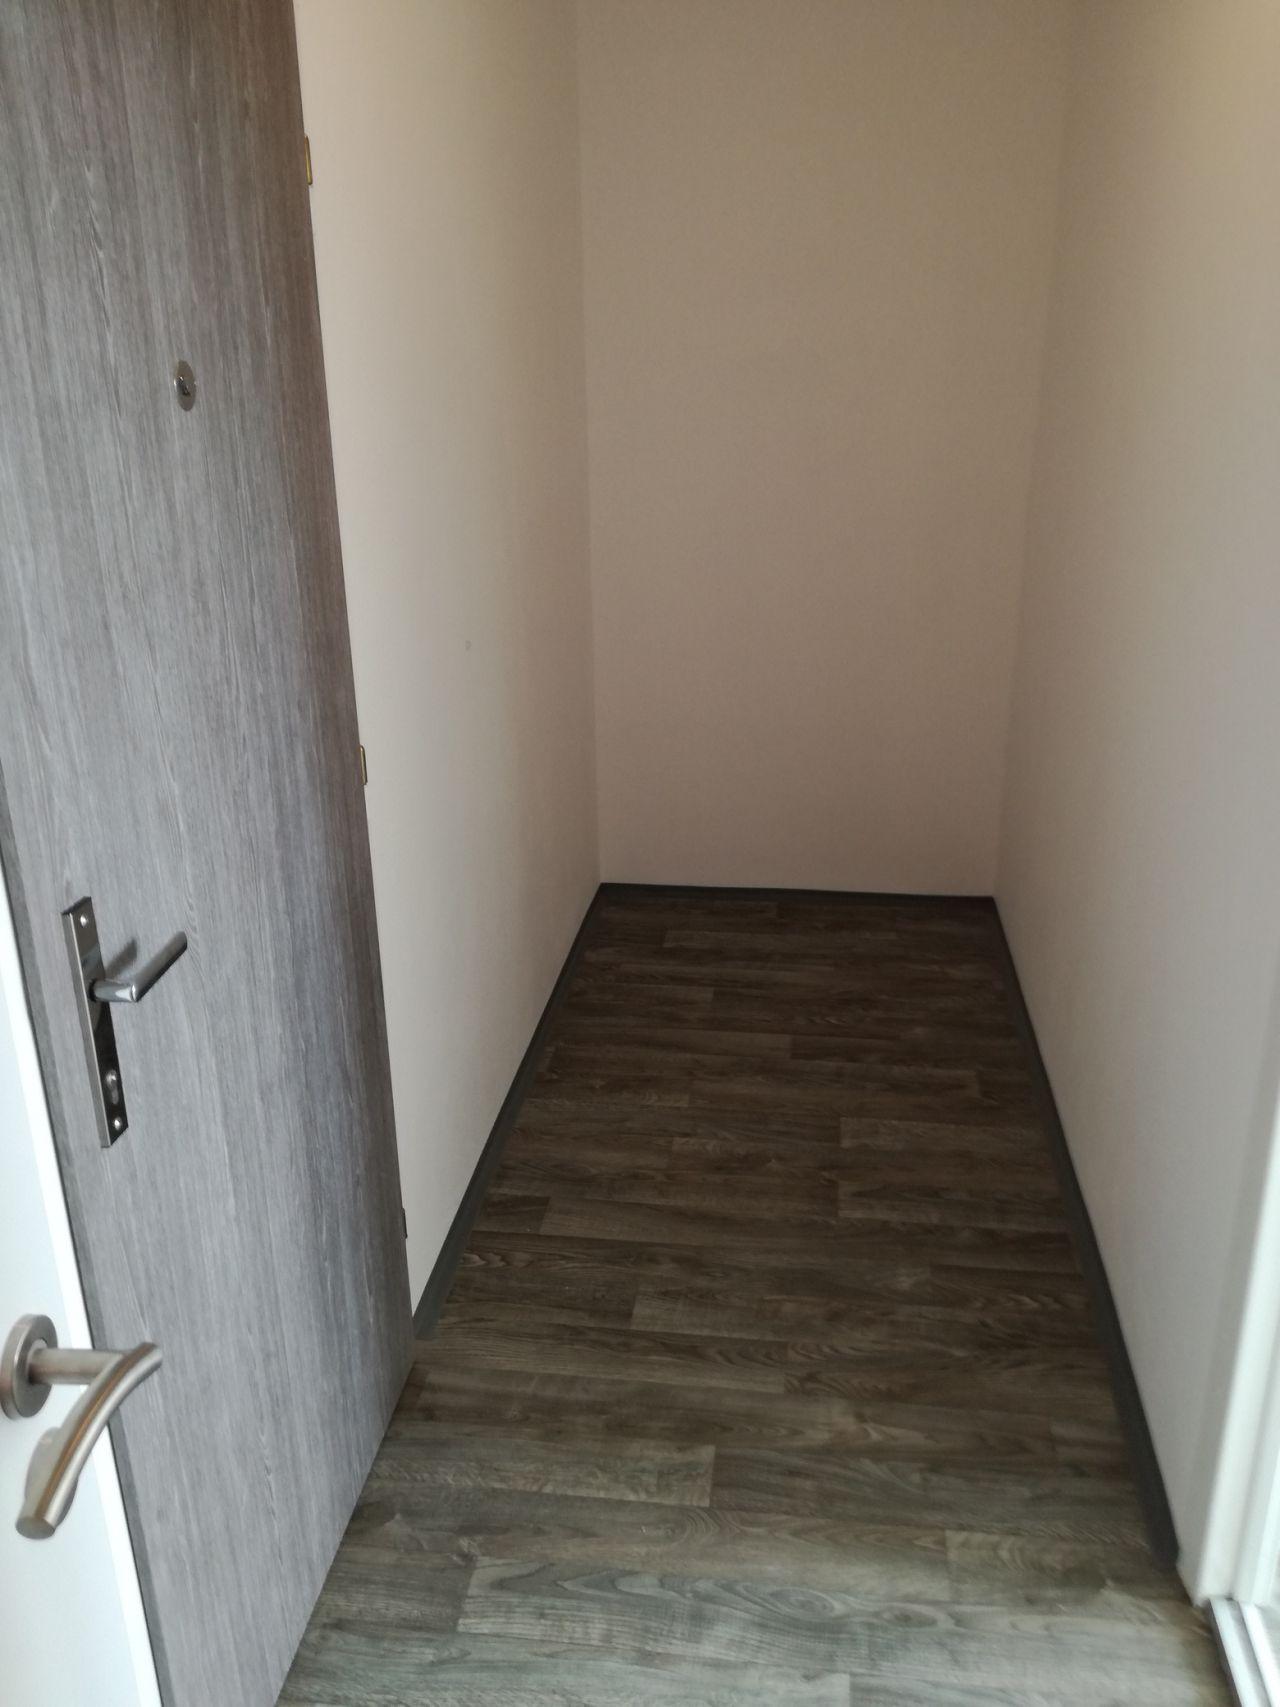 Pronájem bytu 2+1 44 m2, ul. Vlasty Vlasákové 937/7, Ostrava - Bělský Les